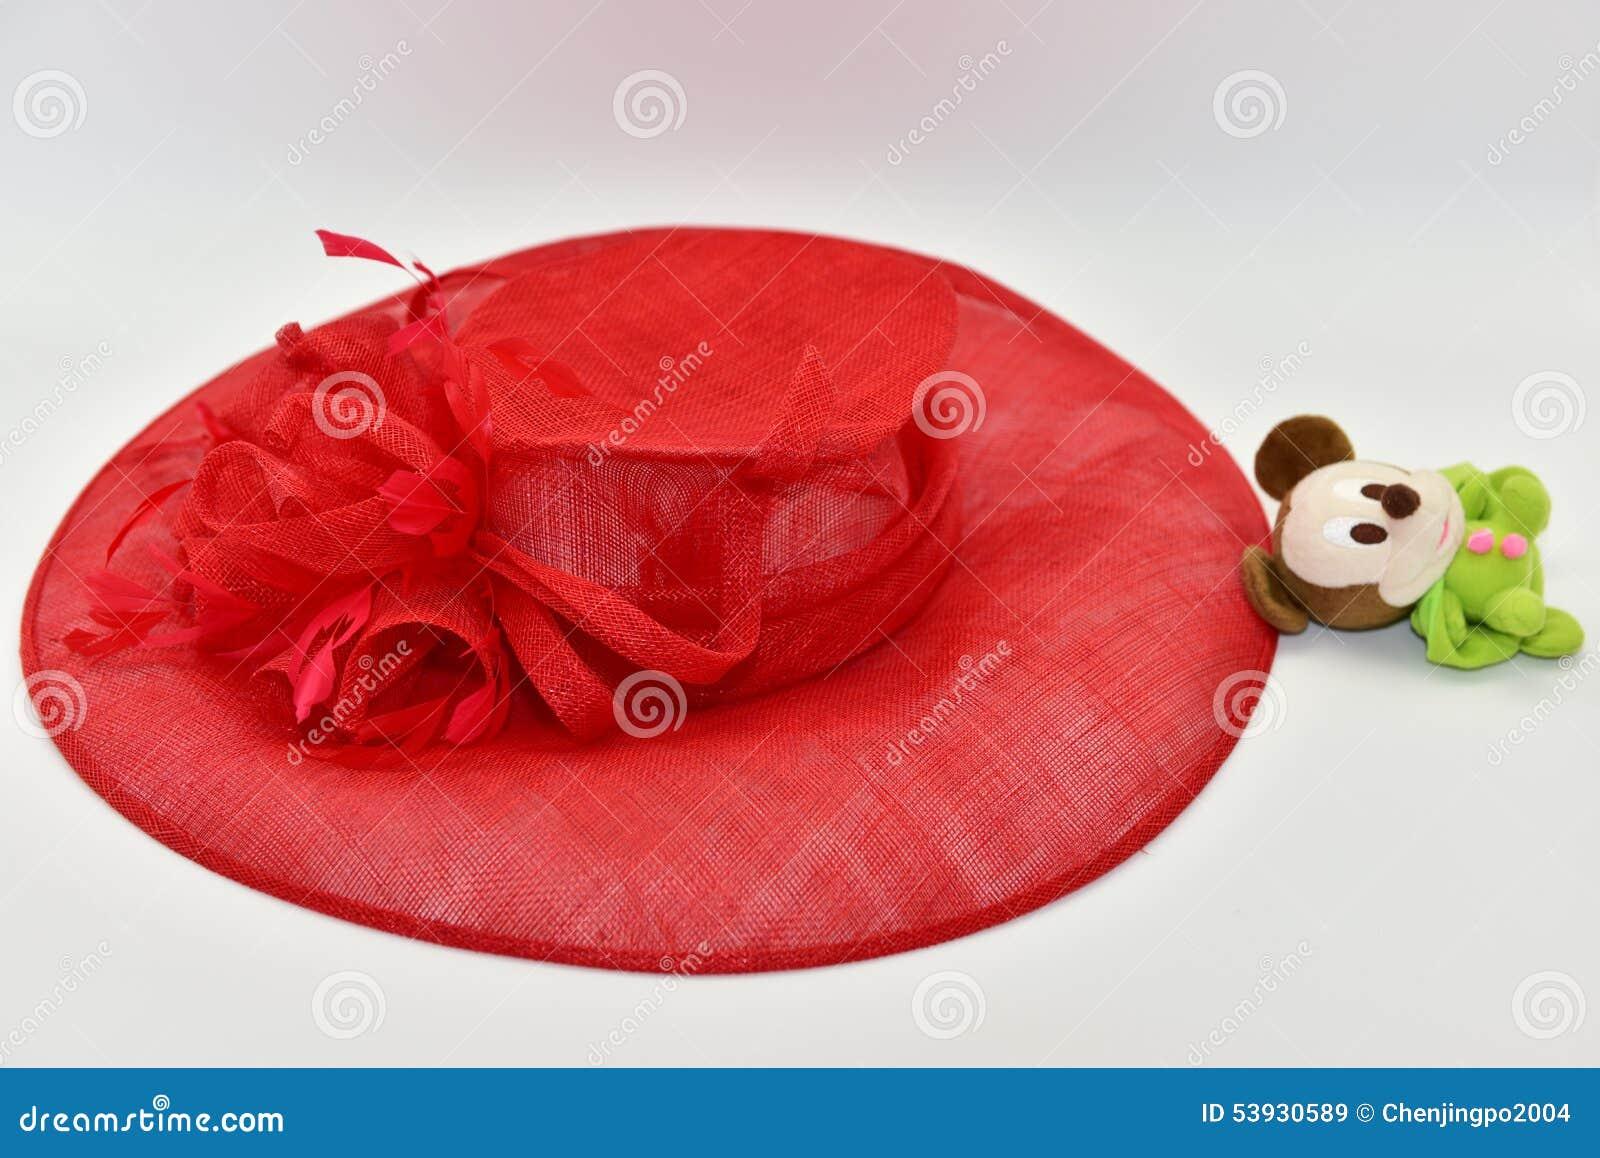 La chica del sombrero rojo - Home Facebook